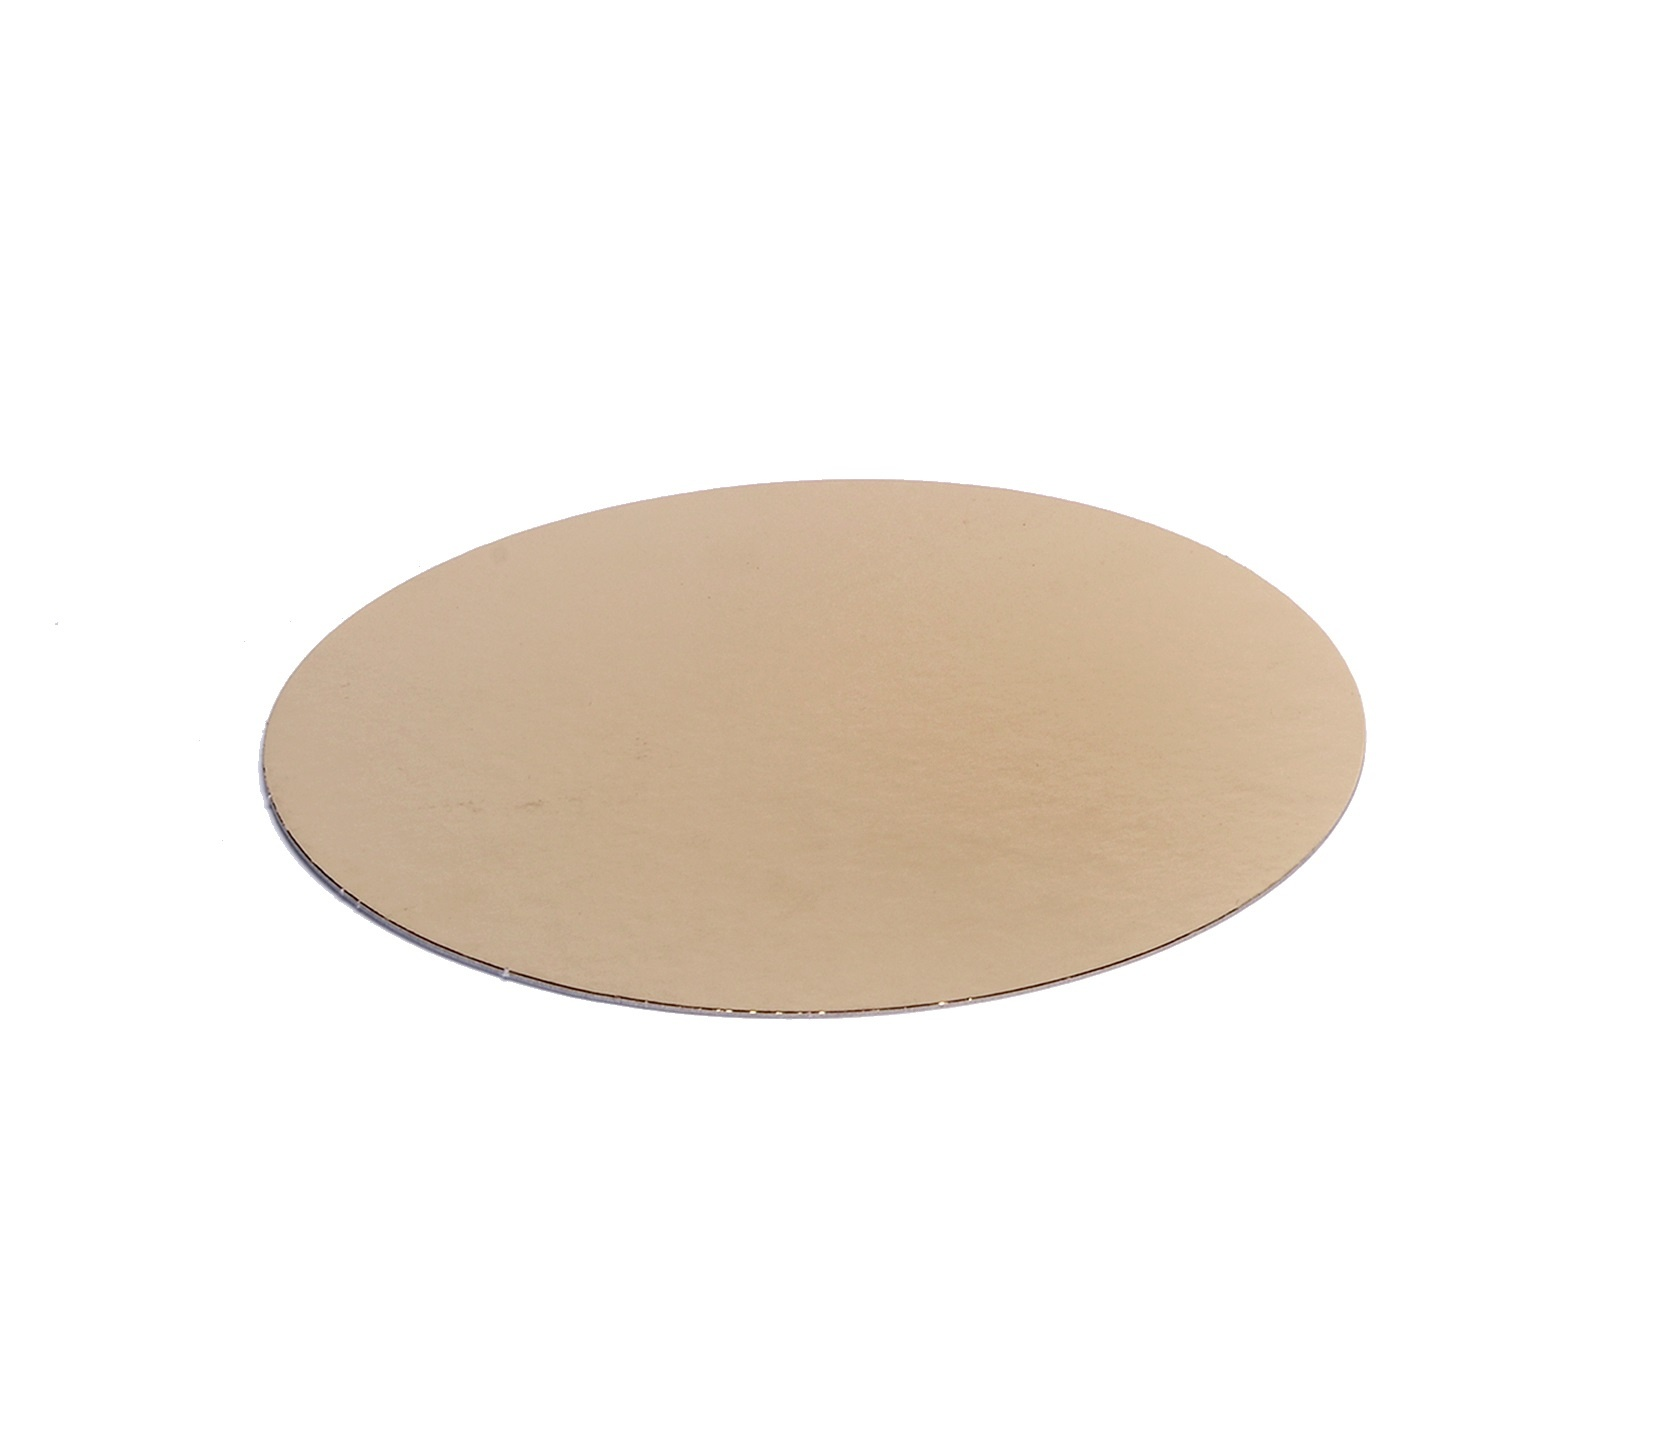 Kartonnen rondel zilver/goud Ø 160 mm pakje van 250 stuks